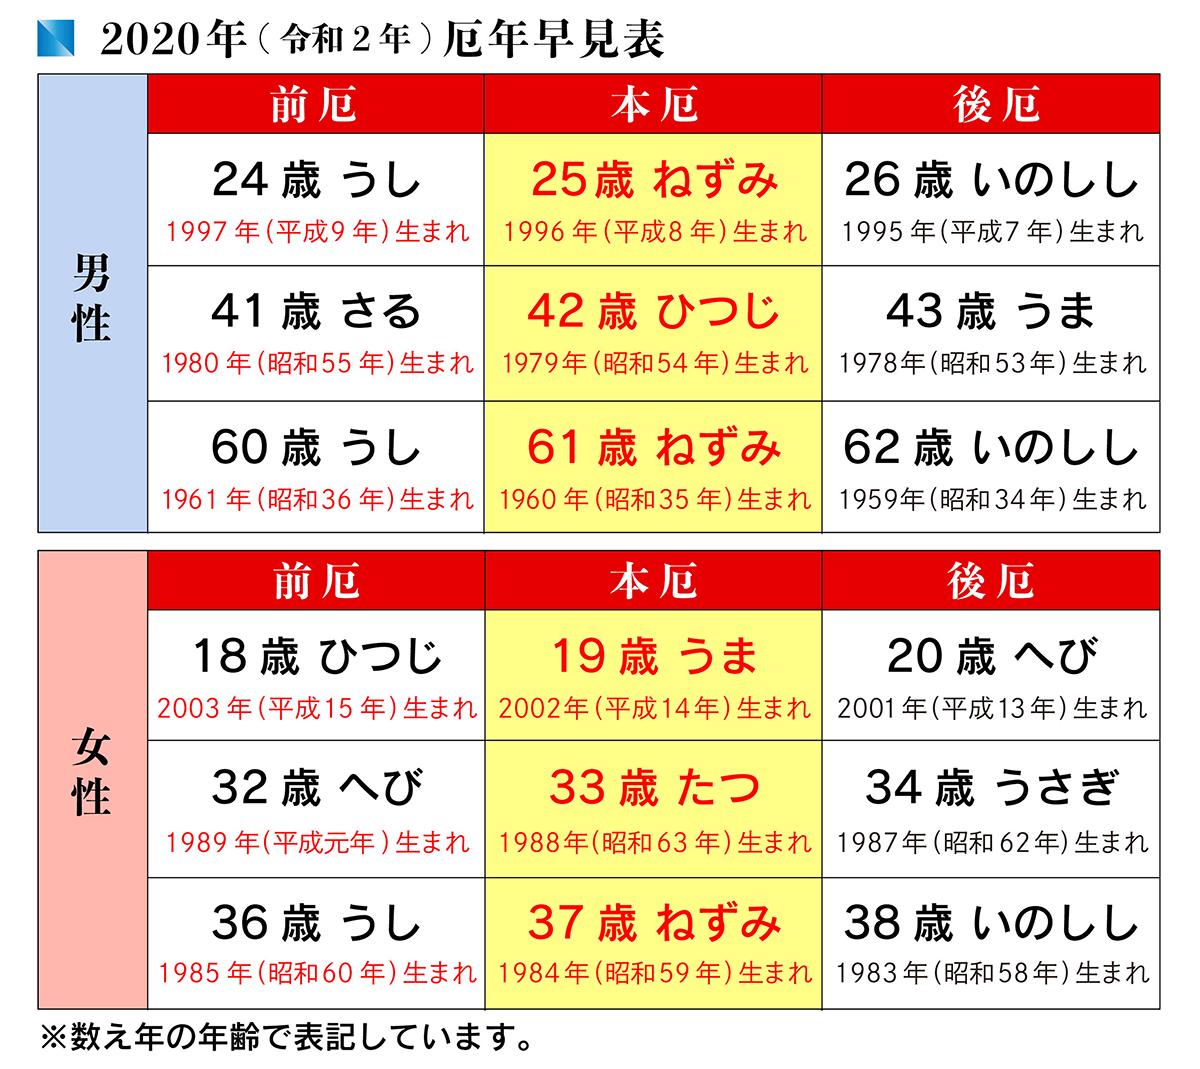 f:id:wanwankazoku:20200202191811j:plain